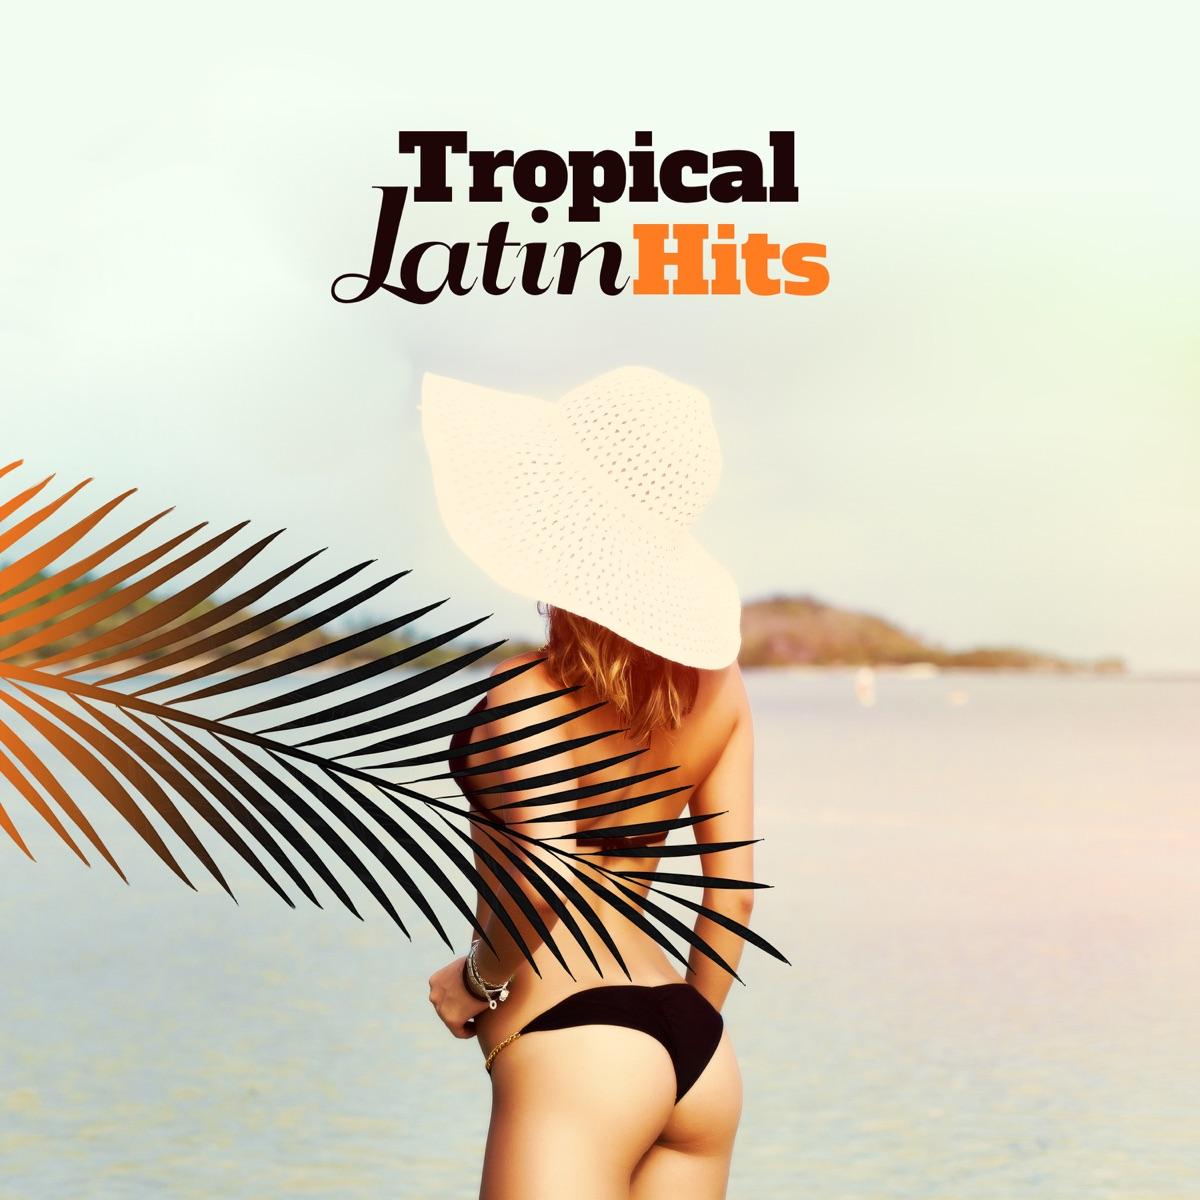 Tropical Latin Hits: Summer Mix 2018, Cuban Latin Café